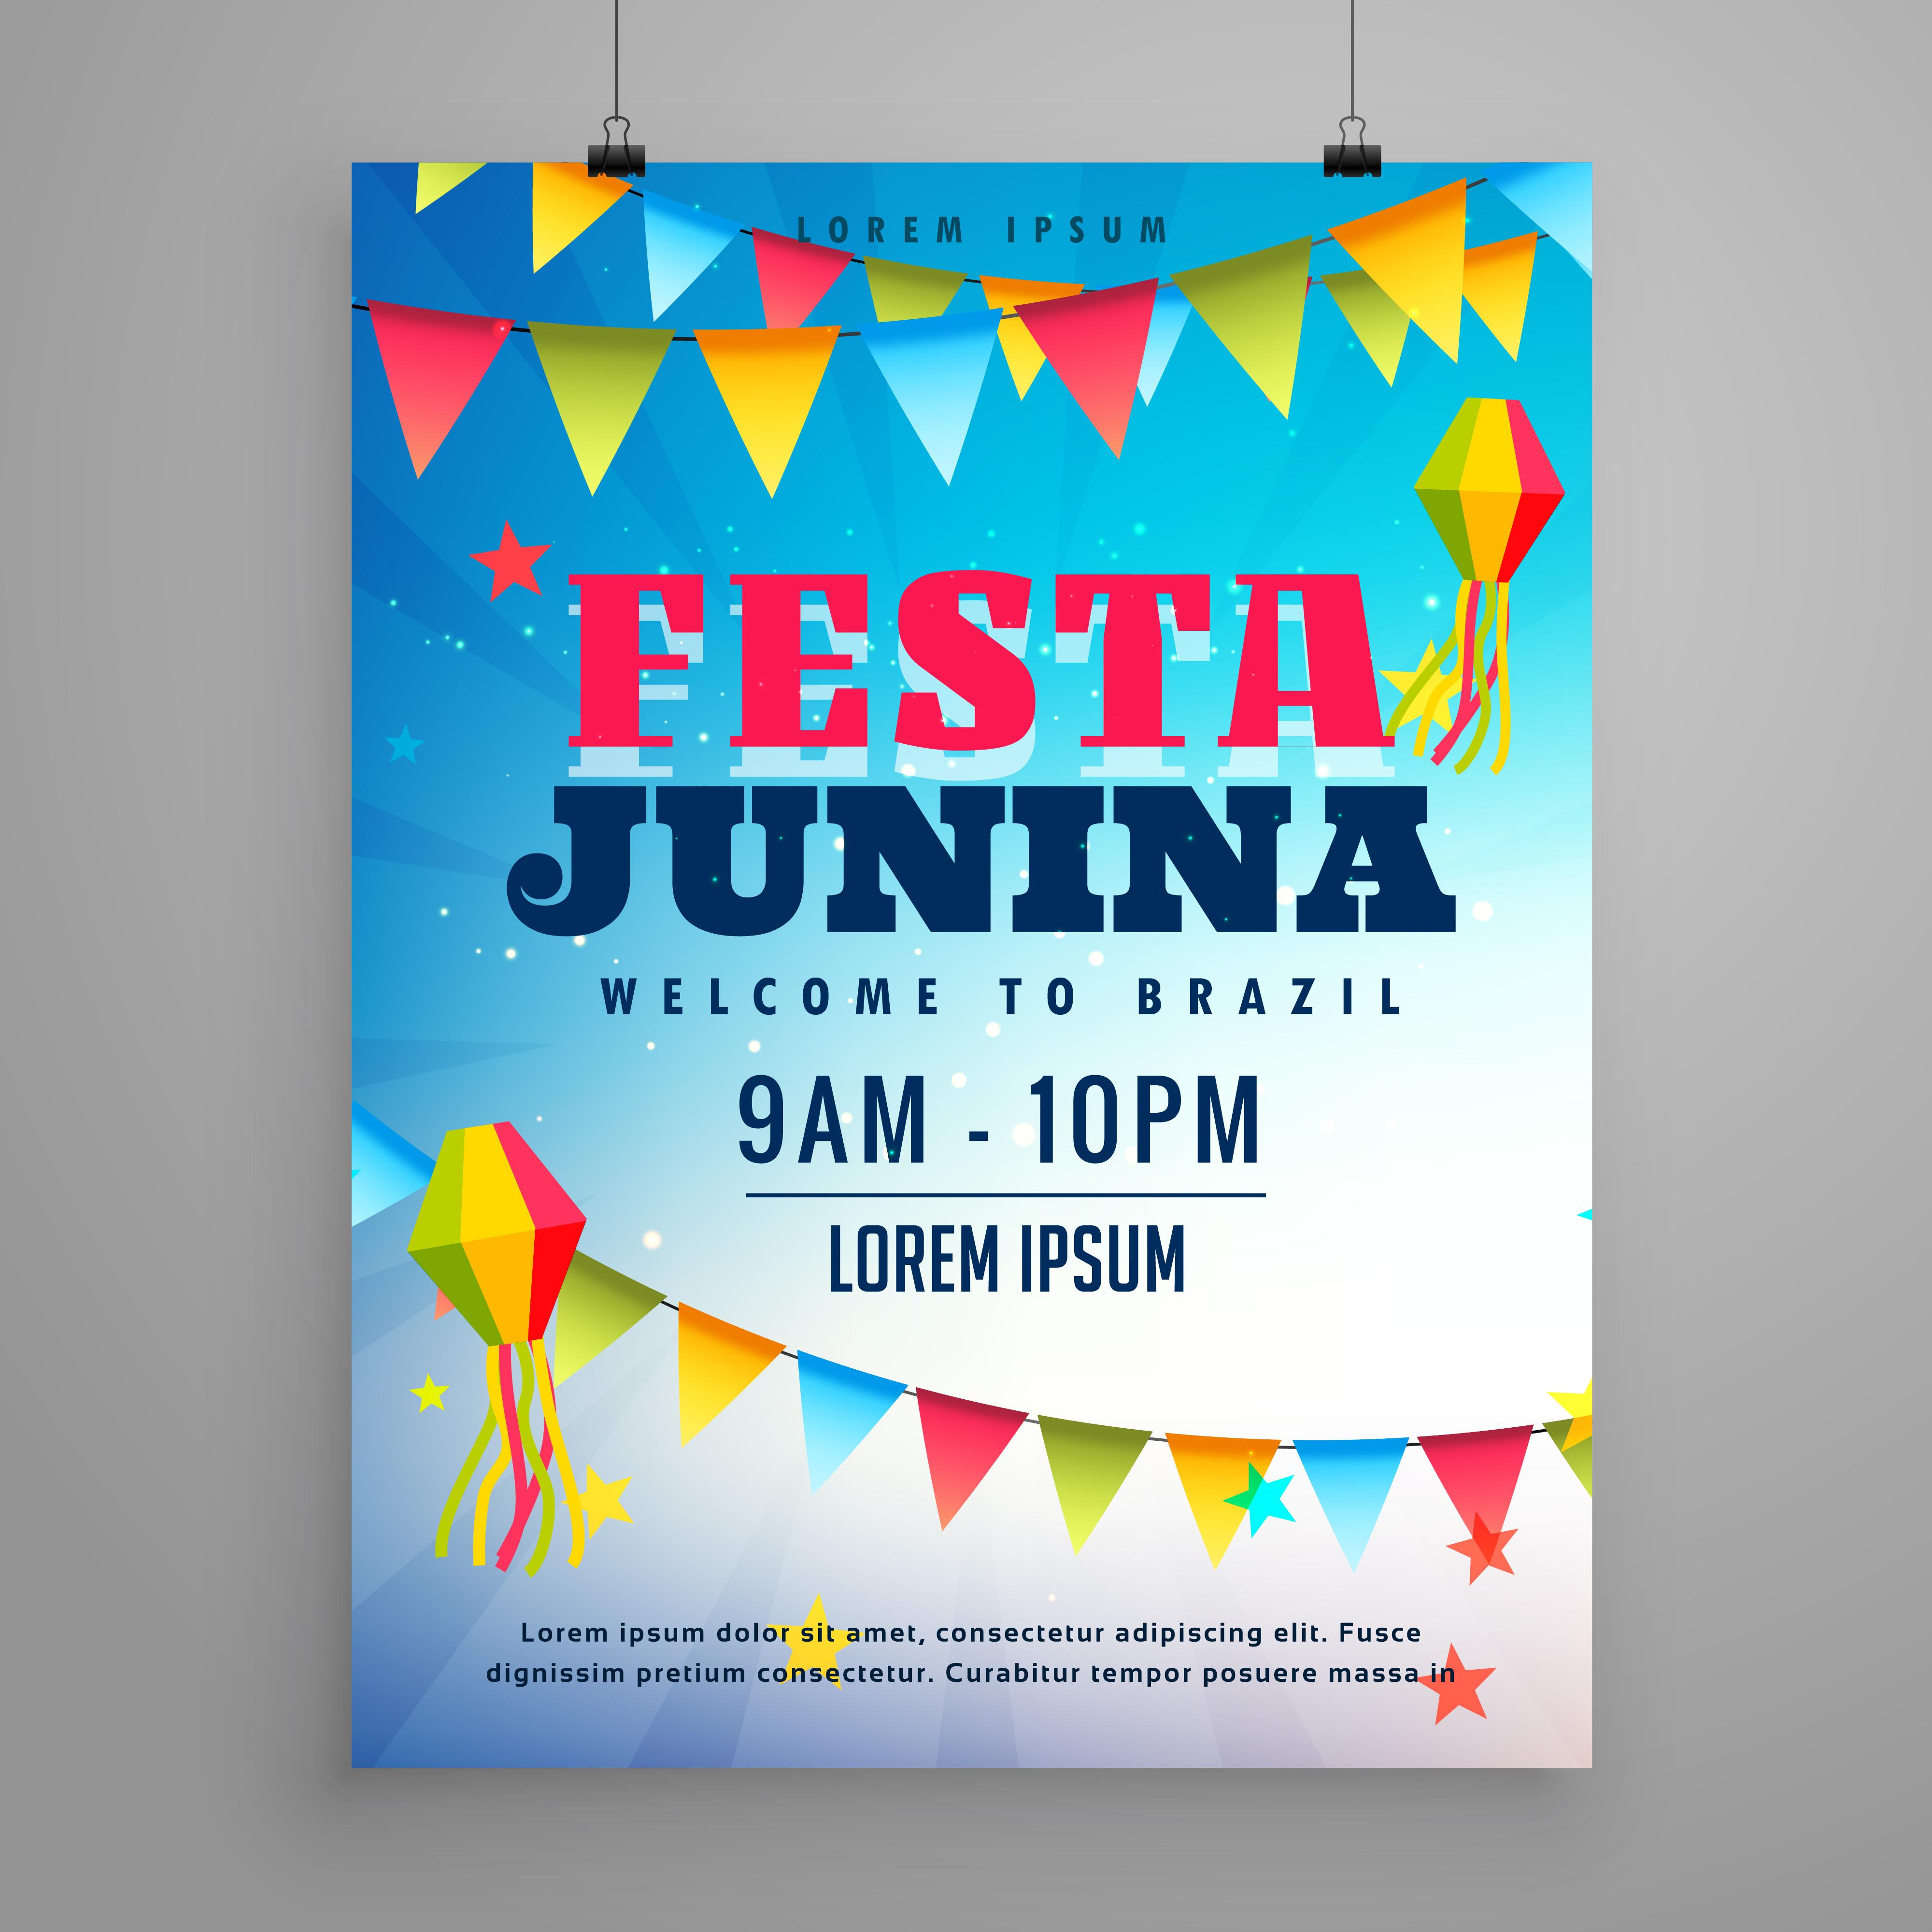 Festa Junina Celebration Poster Flyer Design With Garlands